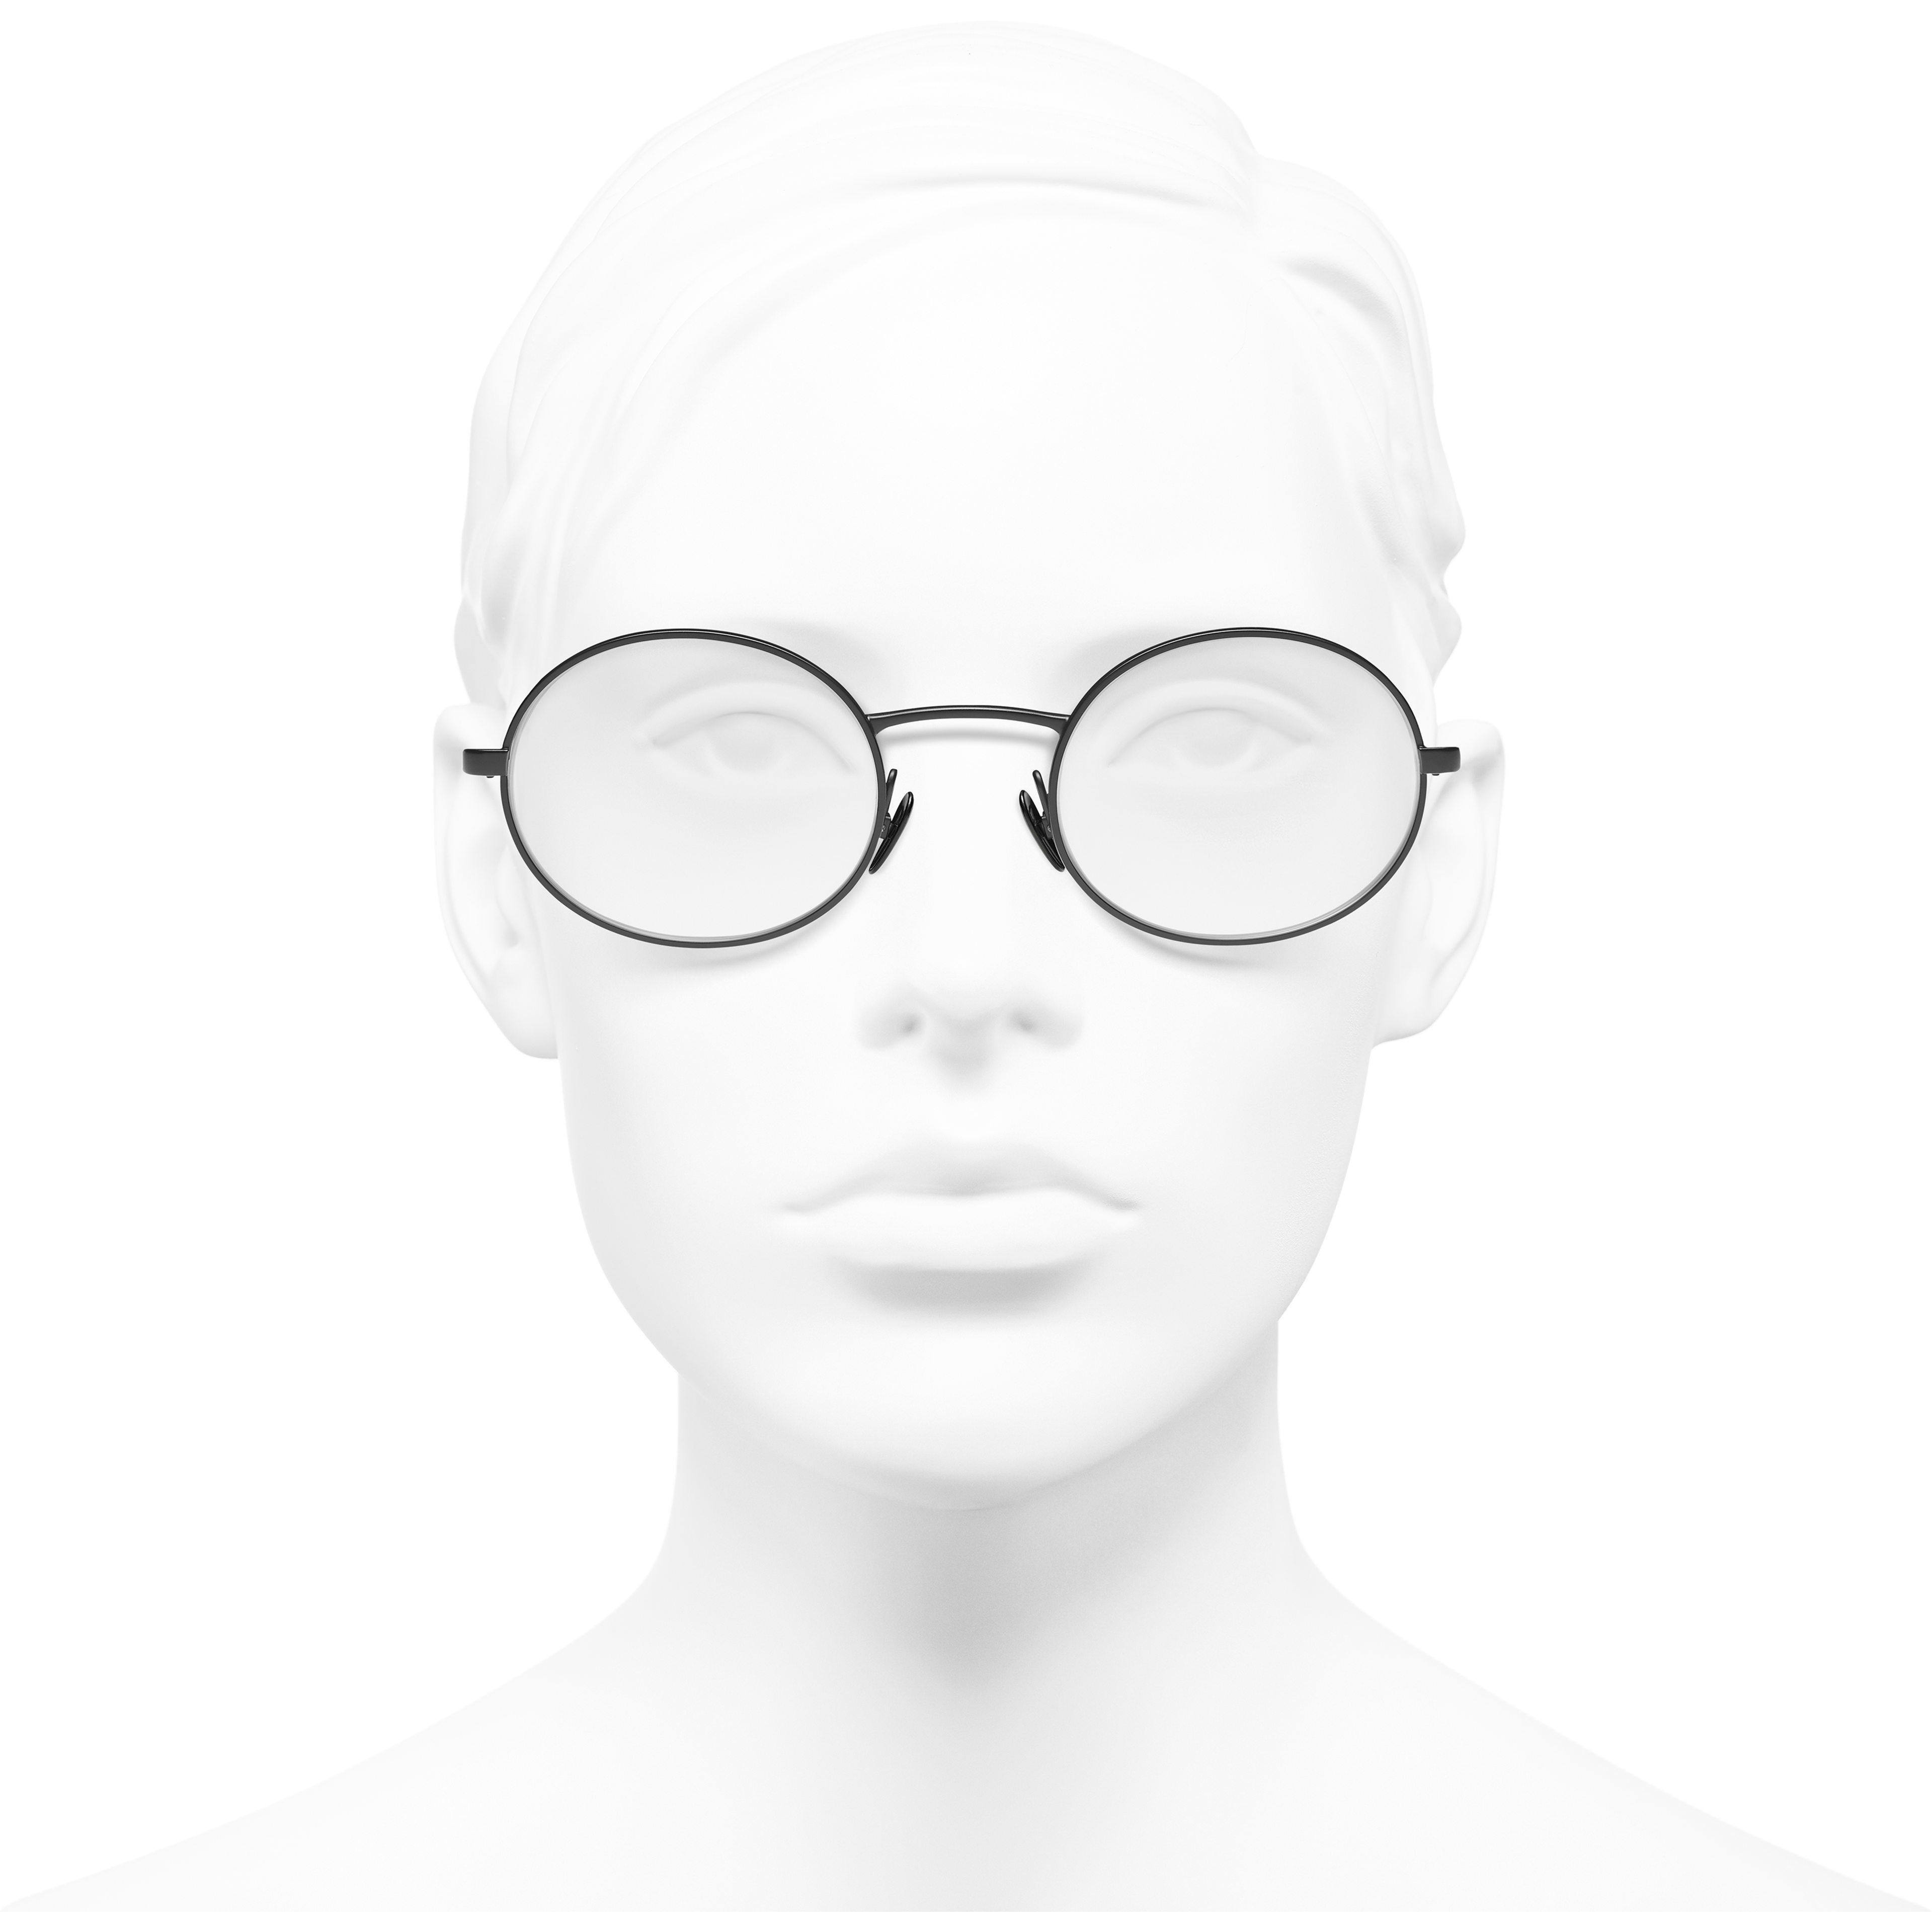 Lunettes ovales - Noir - Métal & veau - CHANEL - Vue de face portée - voir la version taille standard